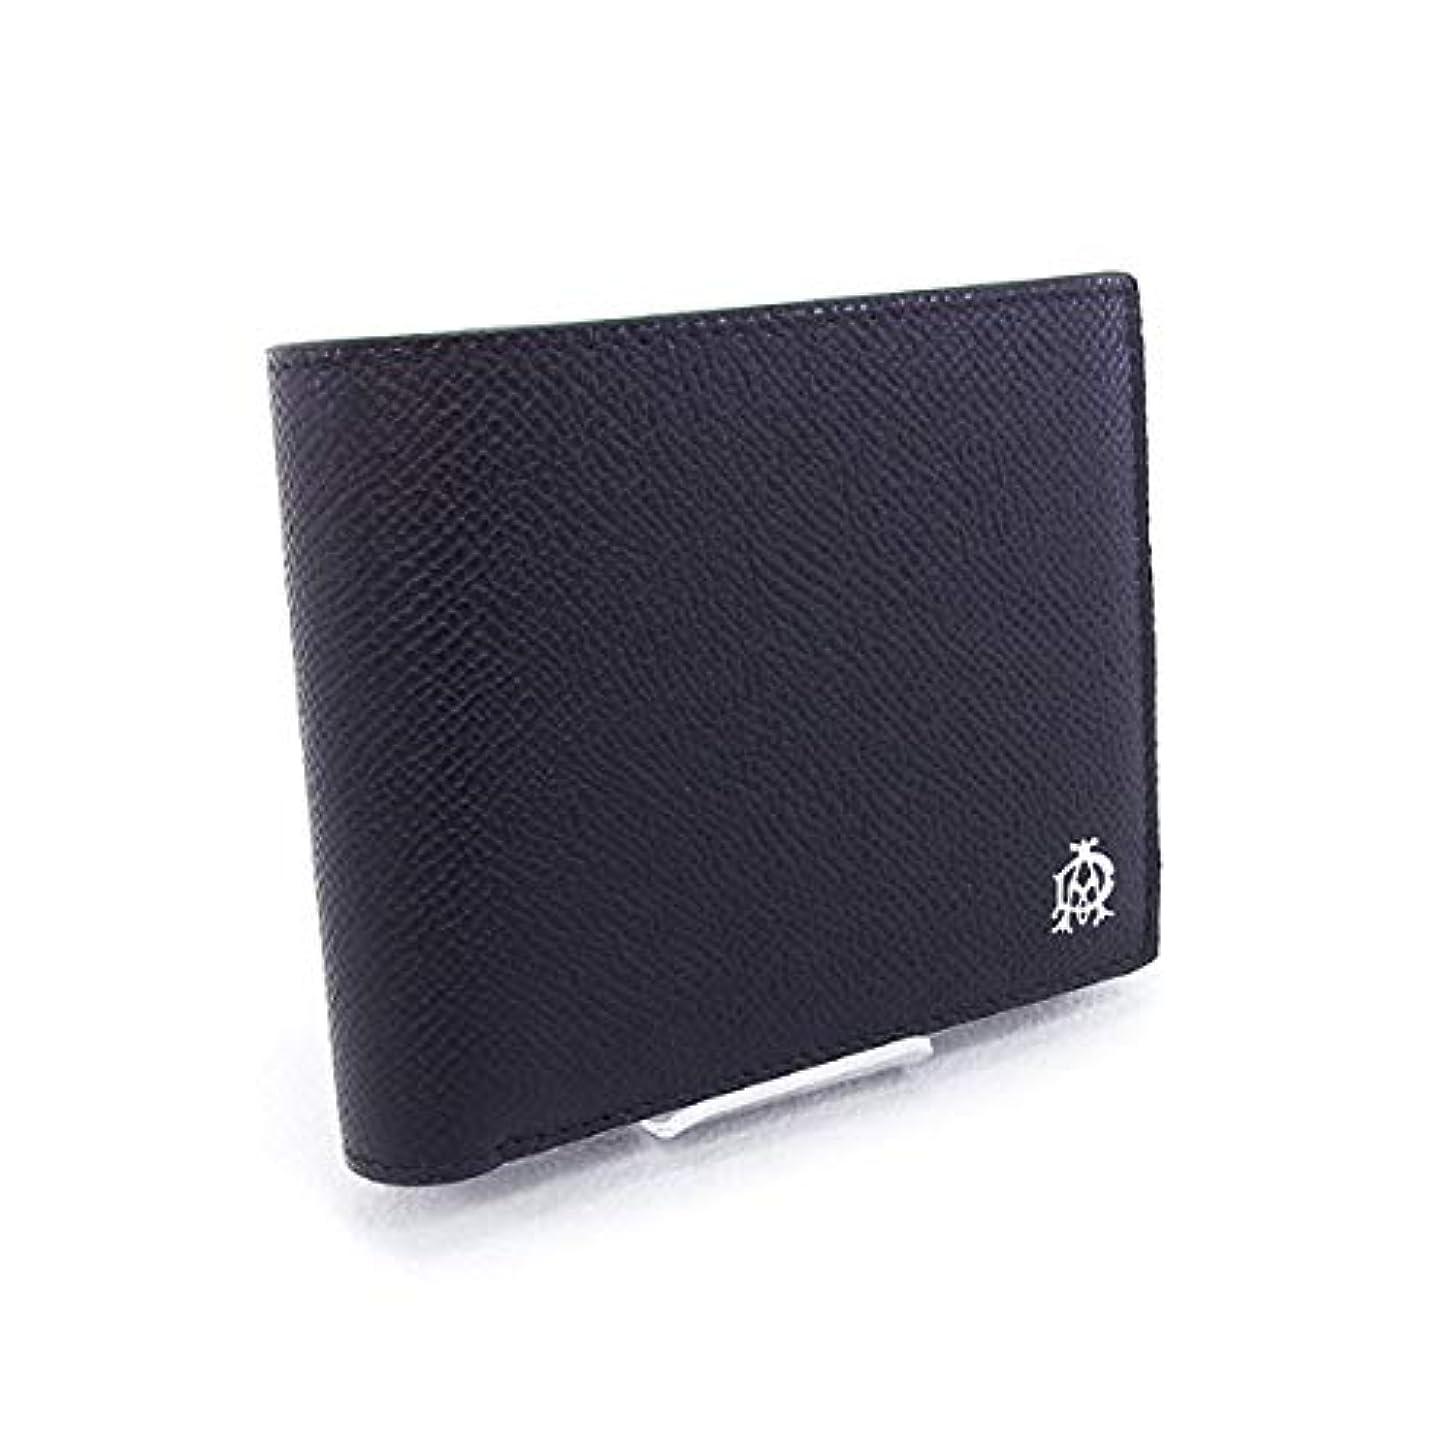 所有者枯渇コロニアル[ダンヒル] 財布 CADOGAN 折財布 ブラック (L2AC32A BK) [並行輸入品]